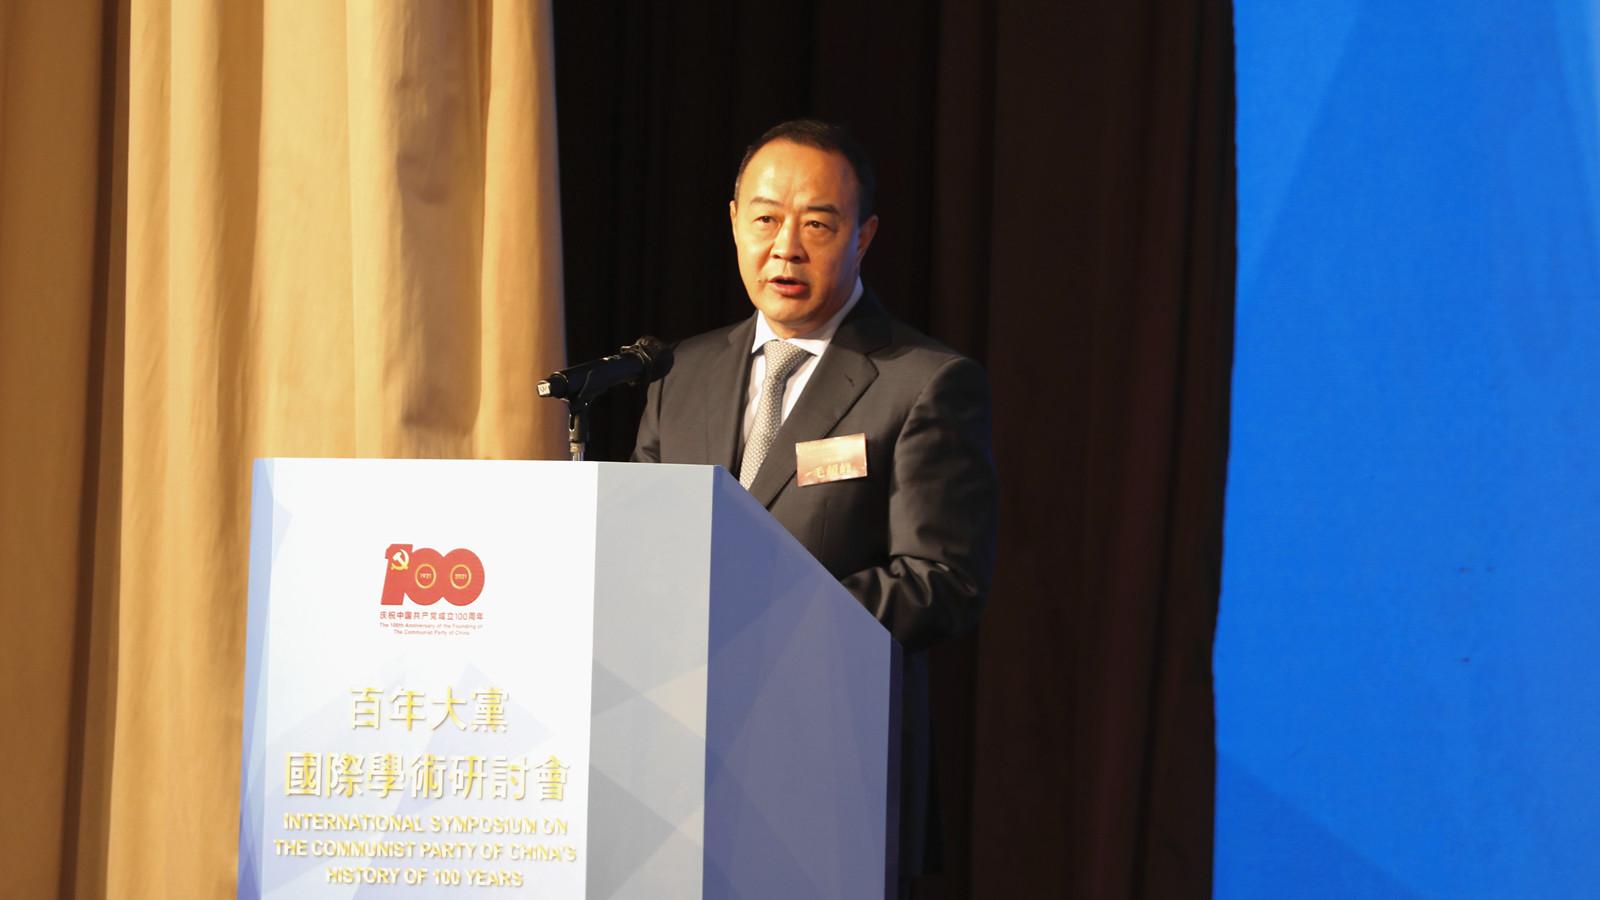 【有片】毛超峰:中國共產黨始終維護香港繁榮穩定 致力推動「一國兩制」行穩致遠